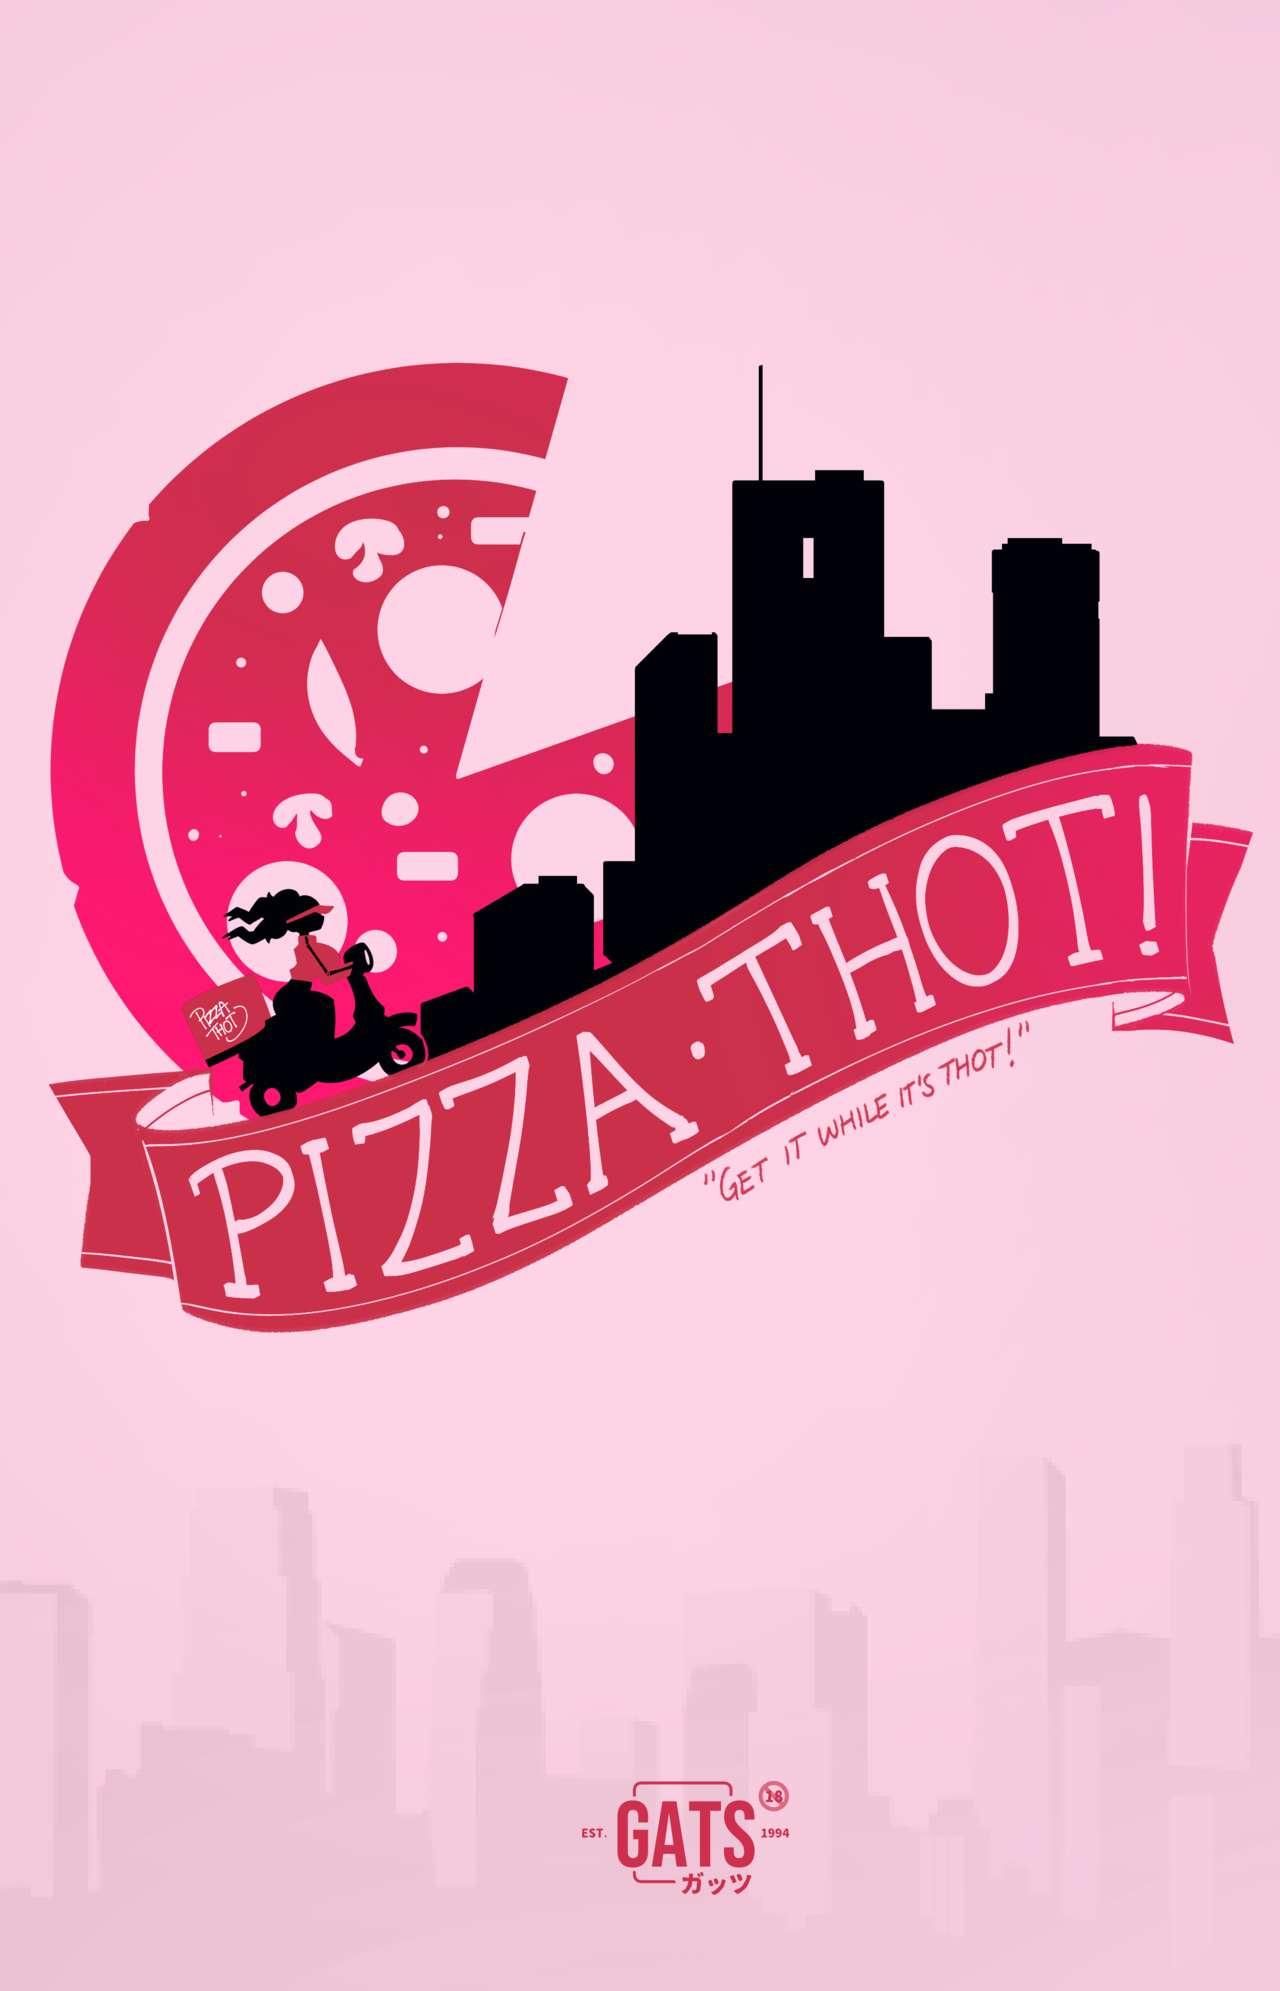 PIZZA Thot